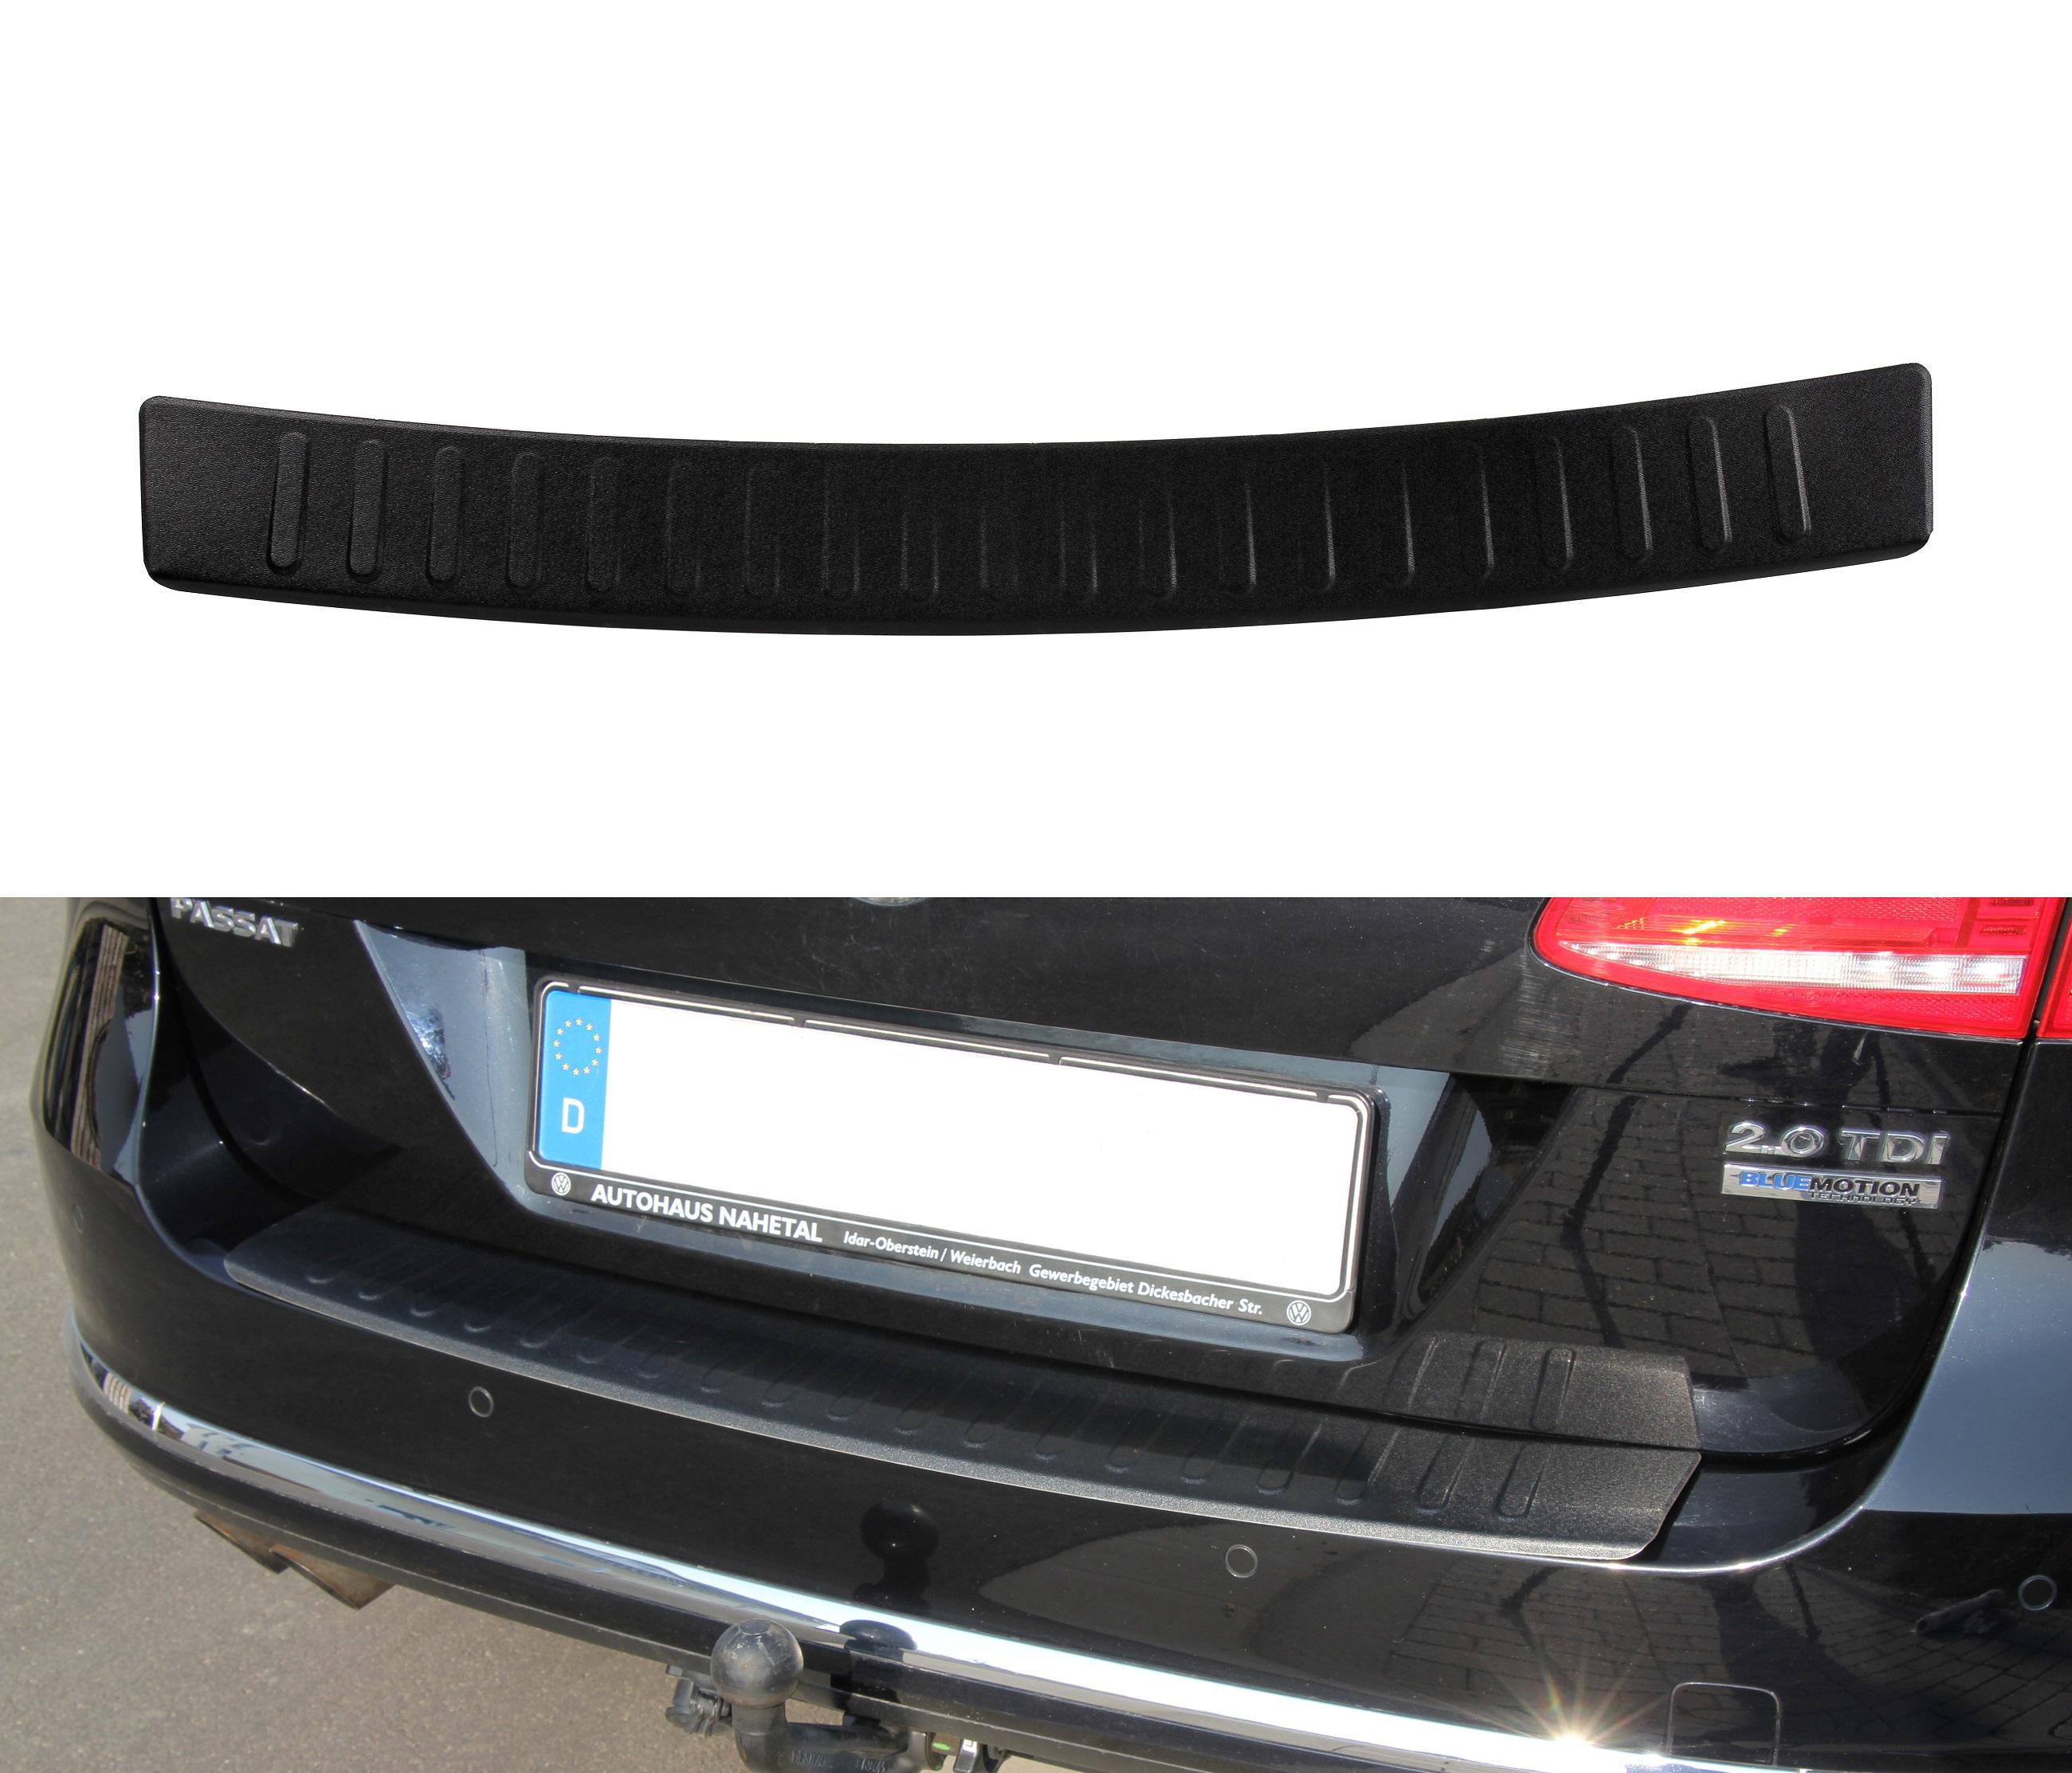 Ford Kuga 3 Ladekantenschutz Chrome Edelstahl  mit Abkantung Ladeschutz